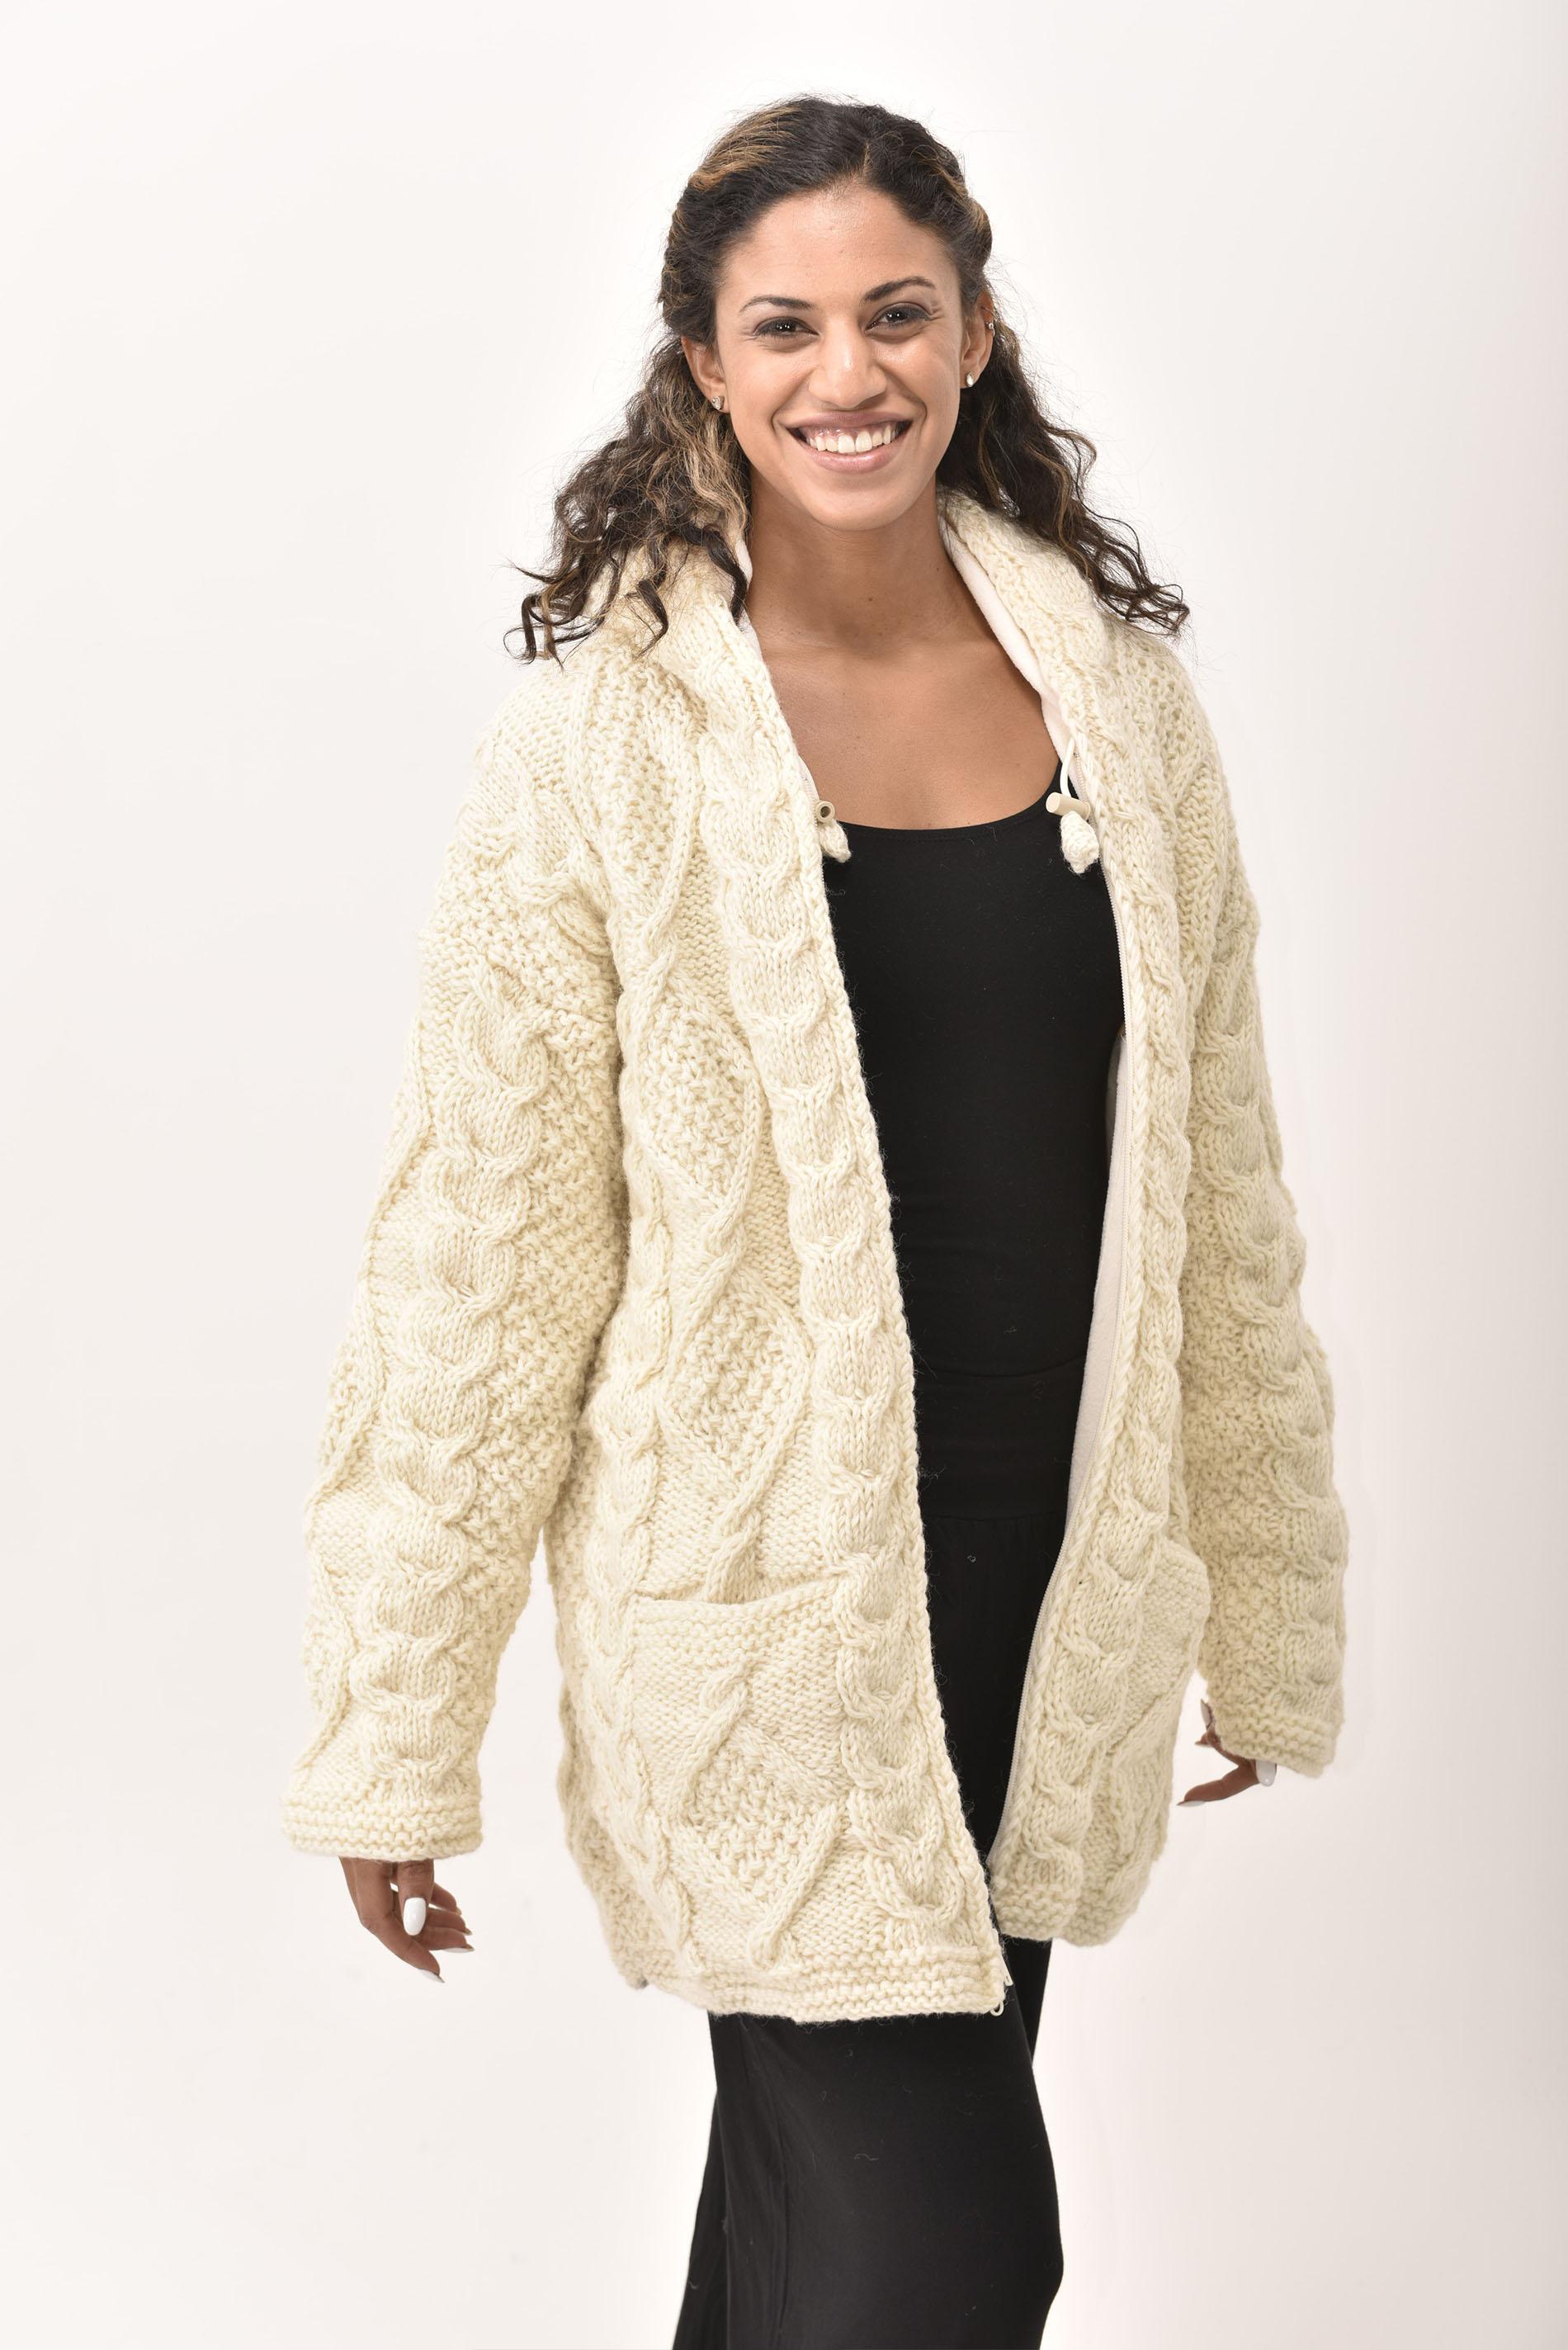 Himalayan Mountain Jacket Long Length Cable Knit, Cream